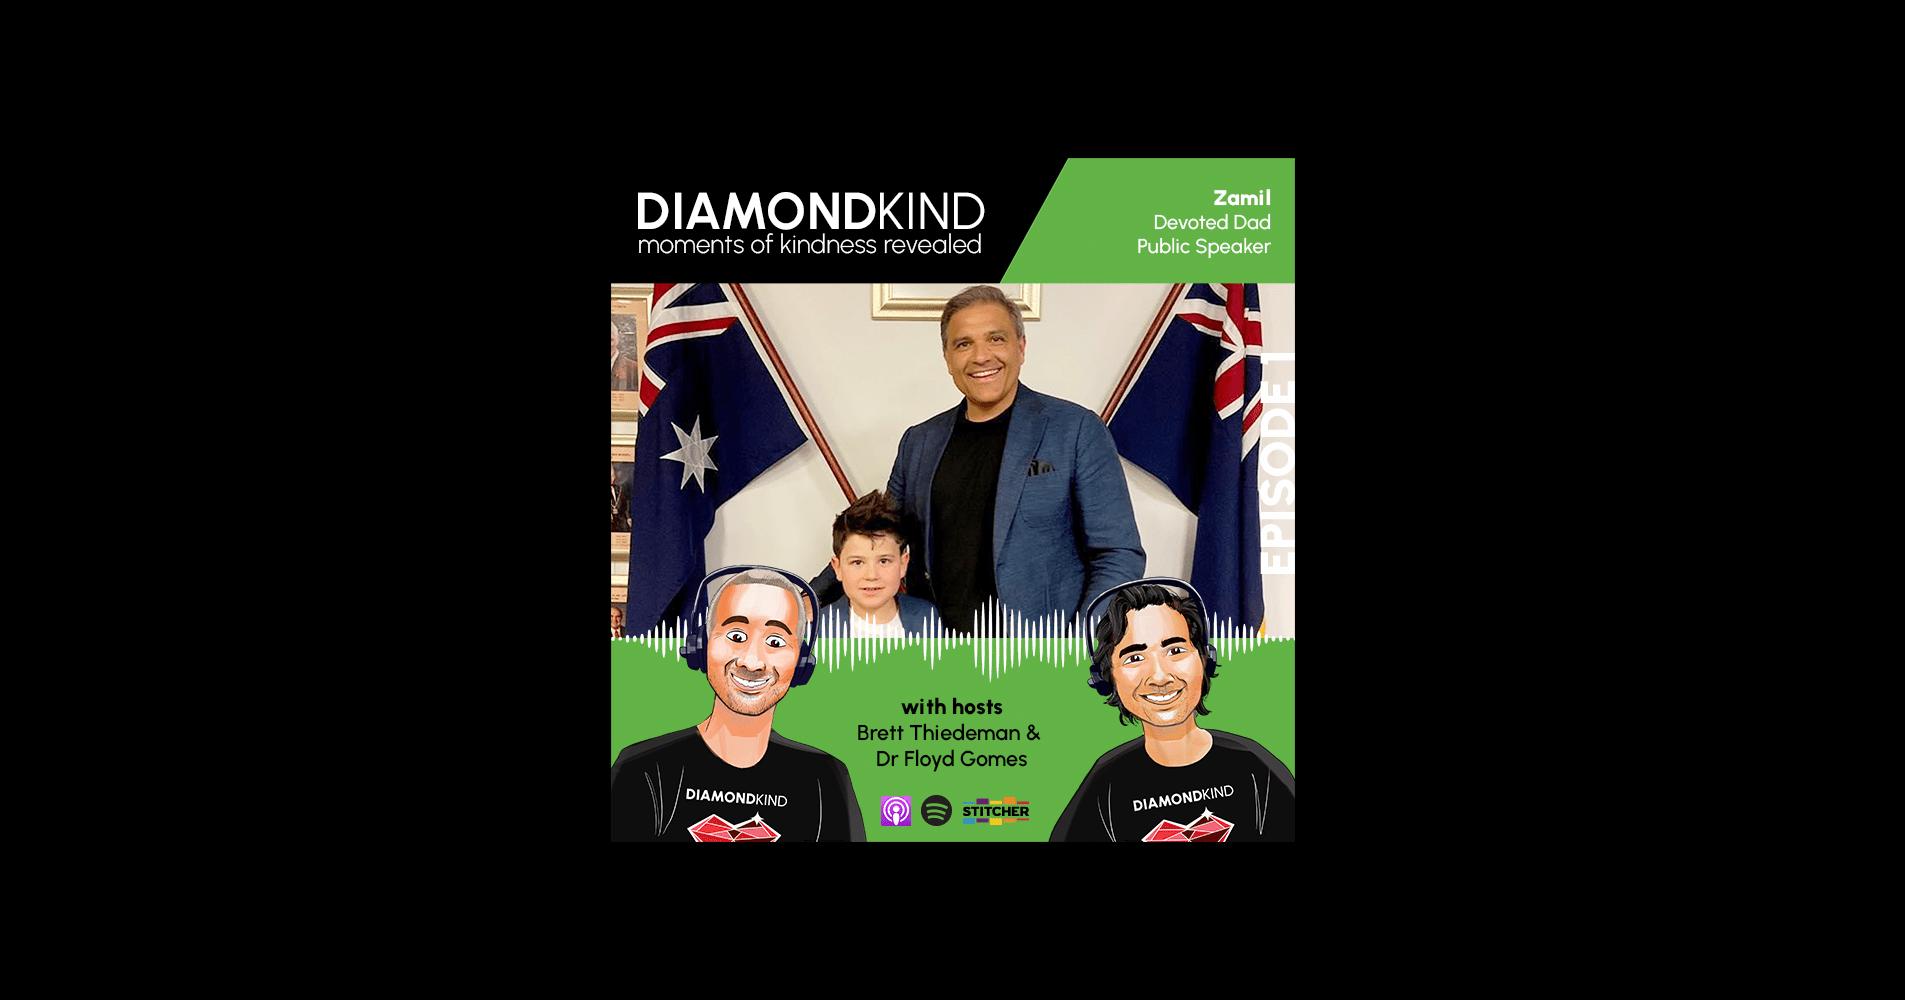 Diamond Kind – With Zamil